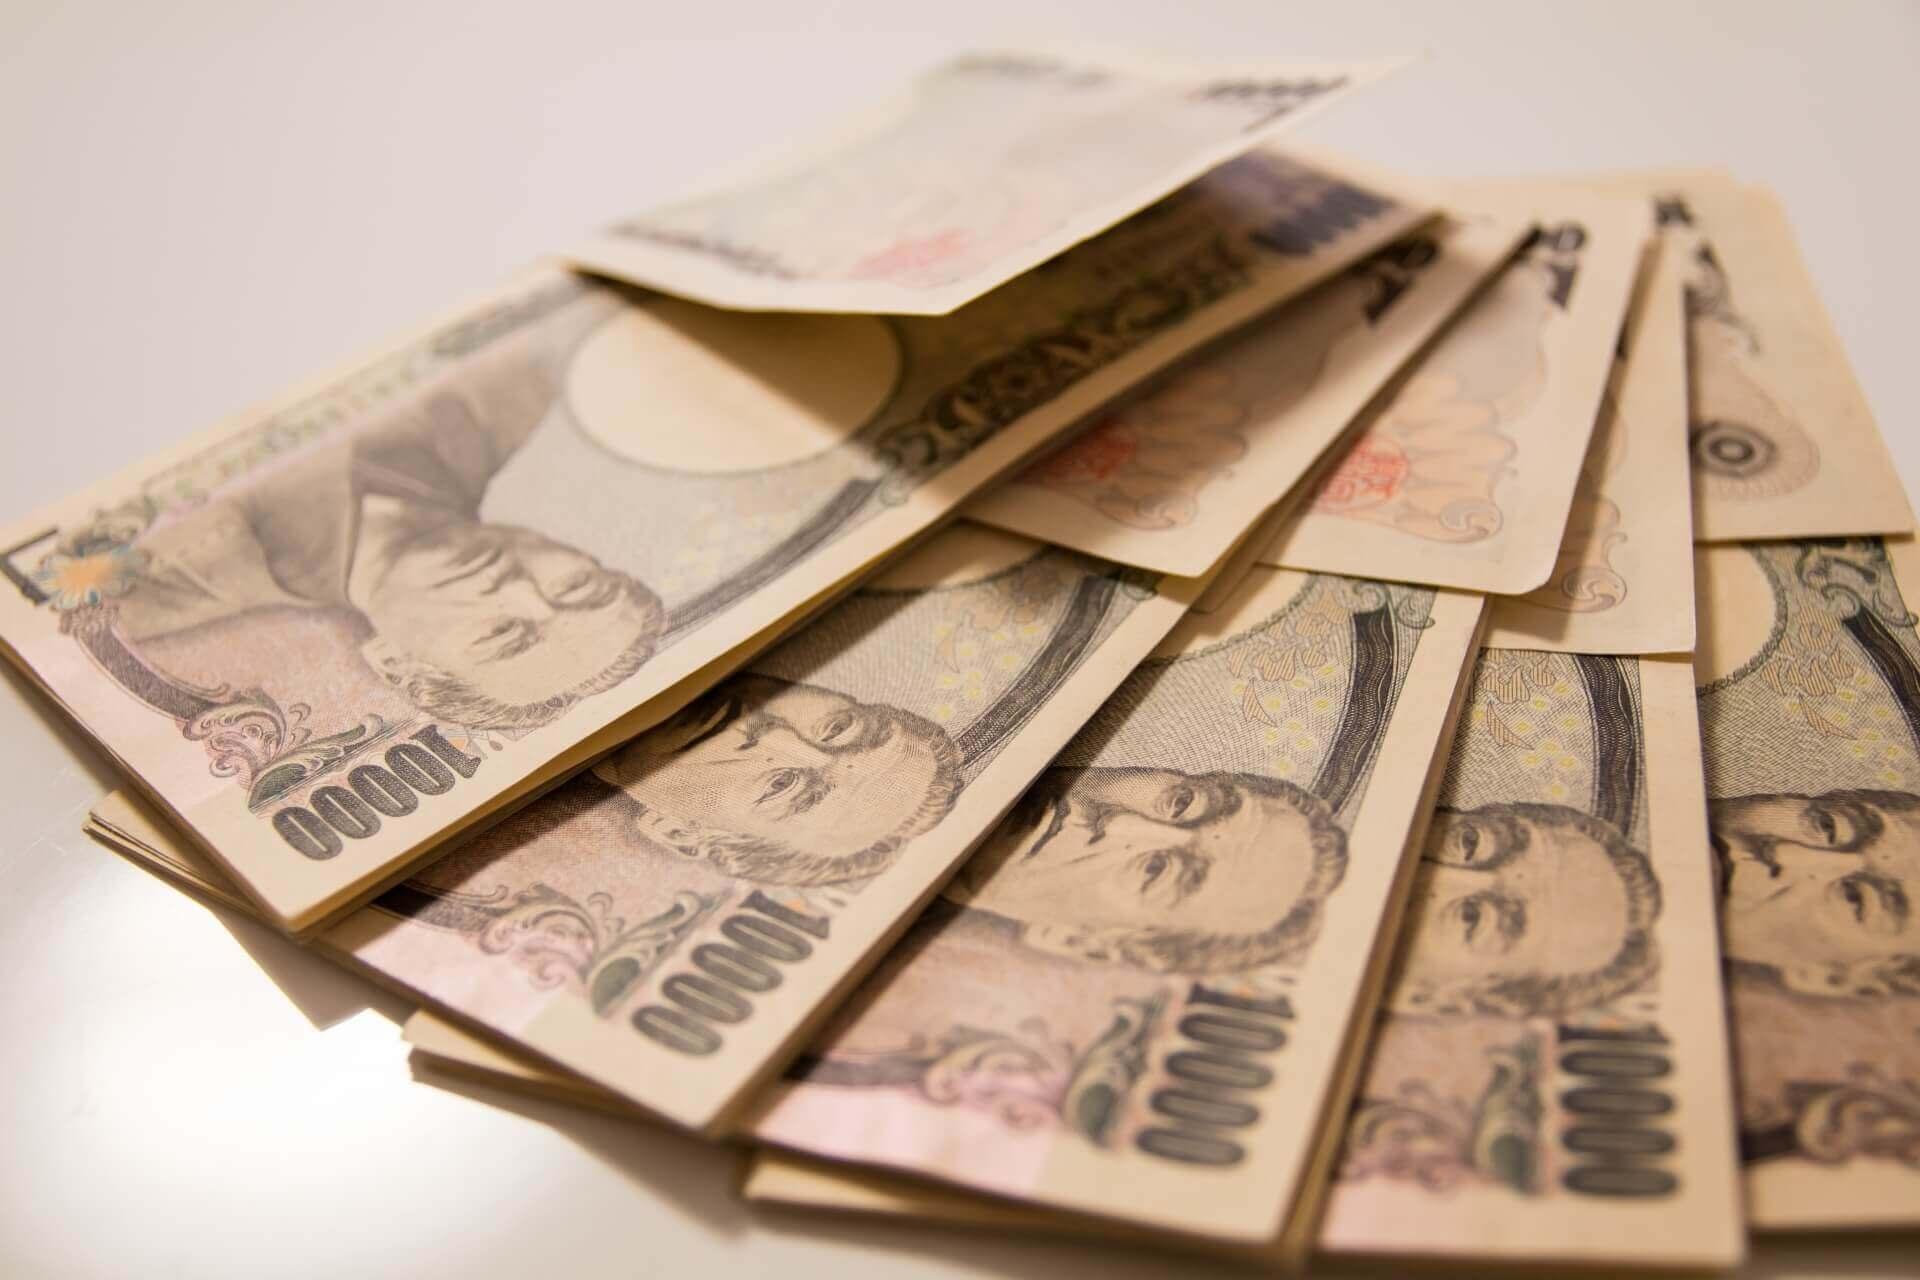 無在庫輸入ビジネスで50万円稼ぐ